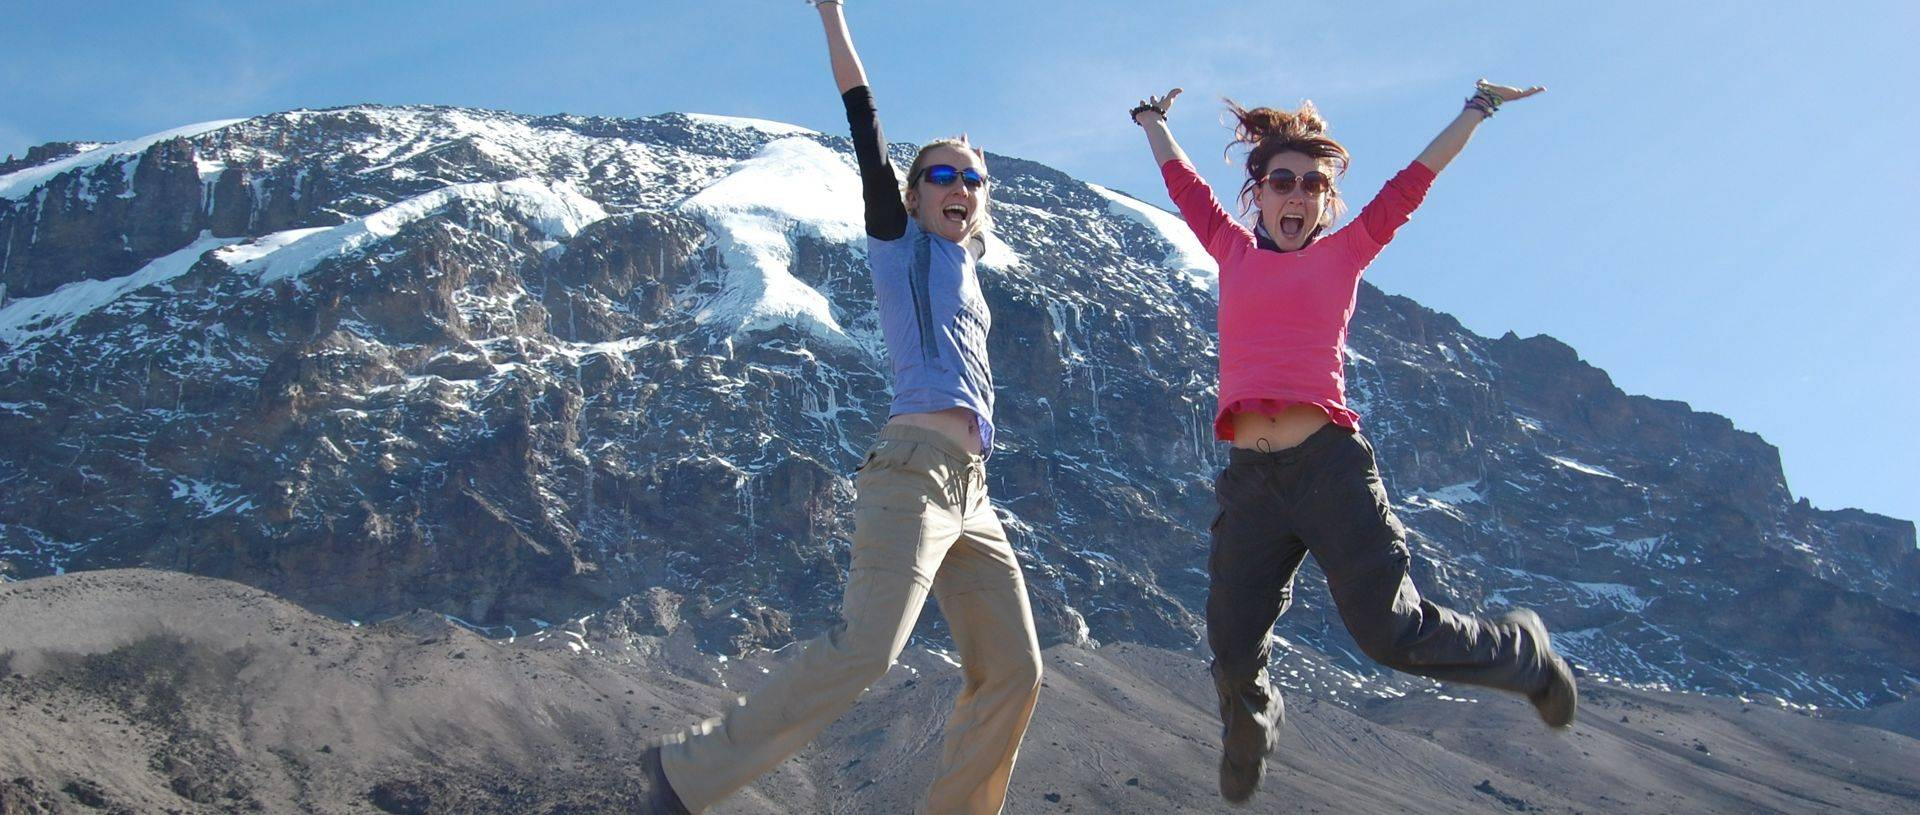 Conquering Mount  Kilimanjaro.JPG